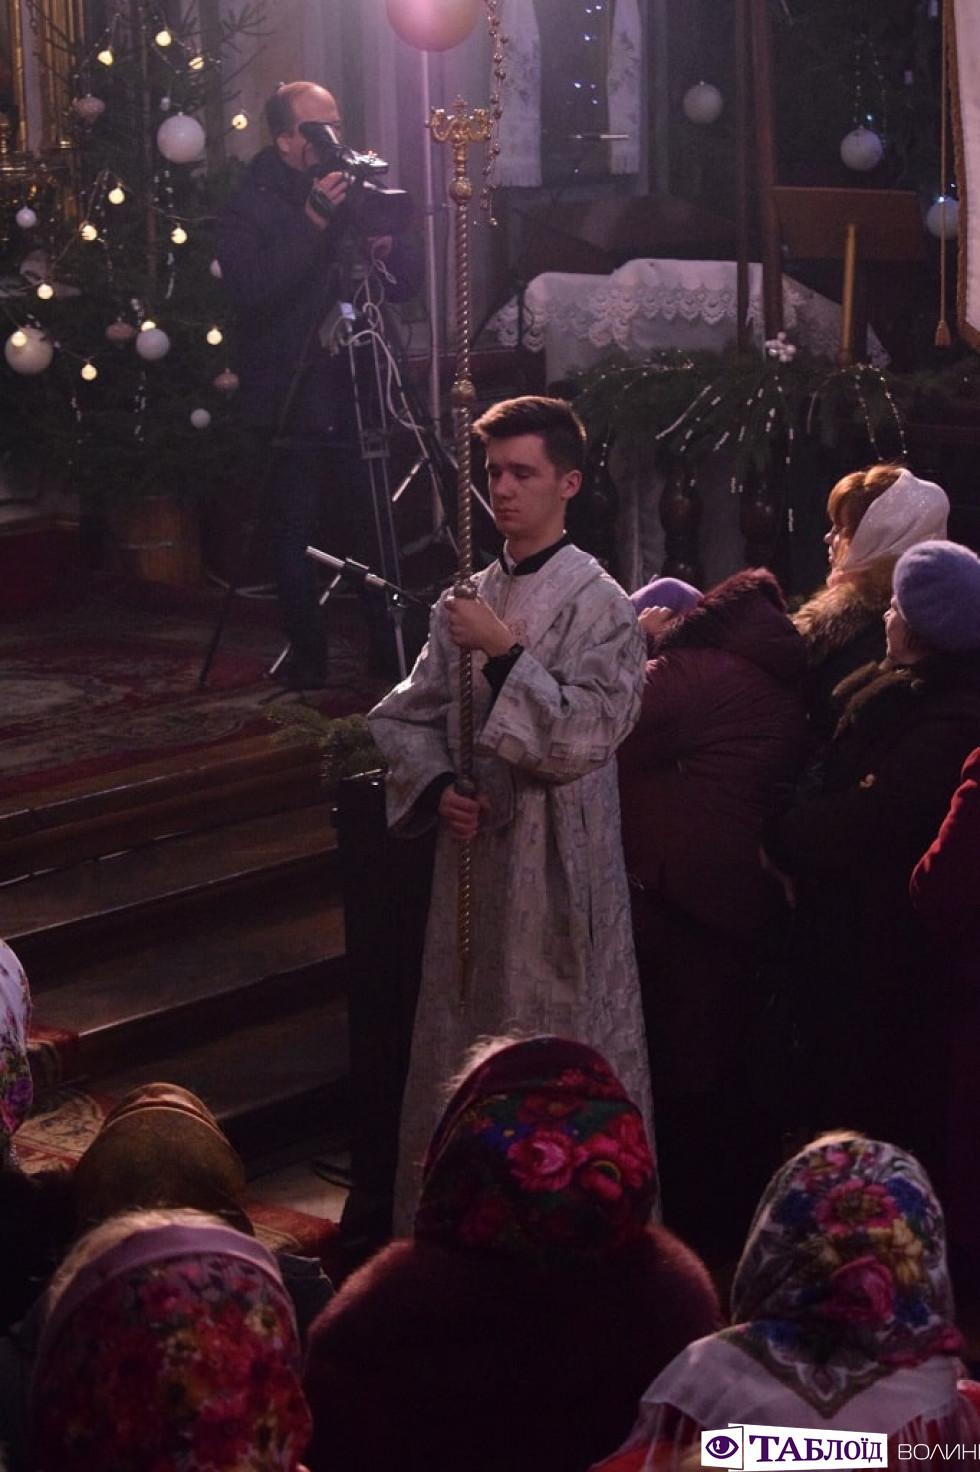 Різдвяна літургія кафедральному соборі Святої Трійці